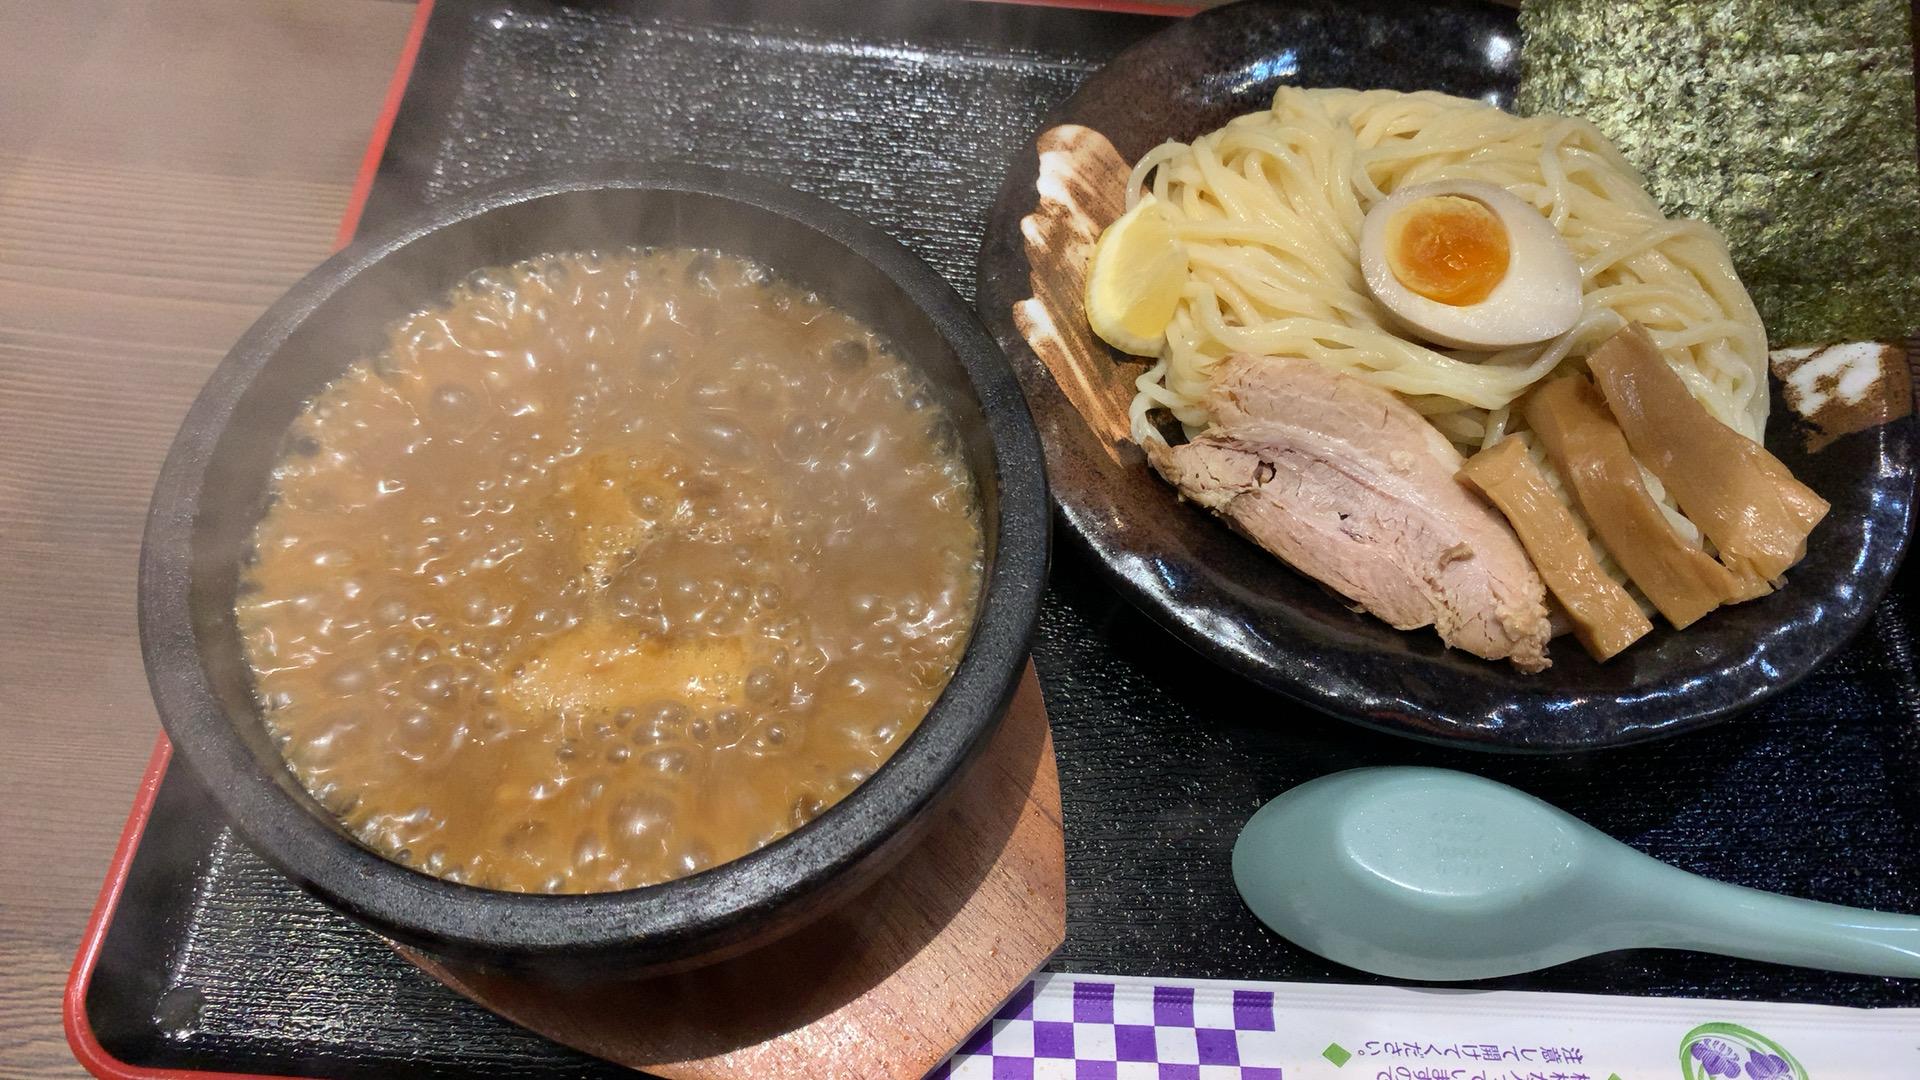 札幌・中央区 札幌海老麺舍×中華そば煮干センター